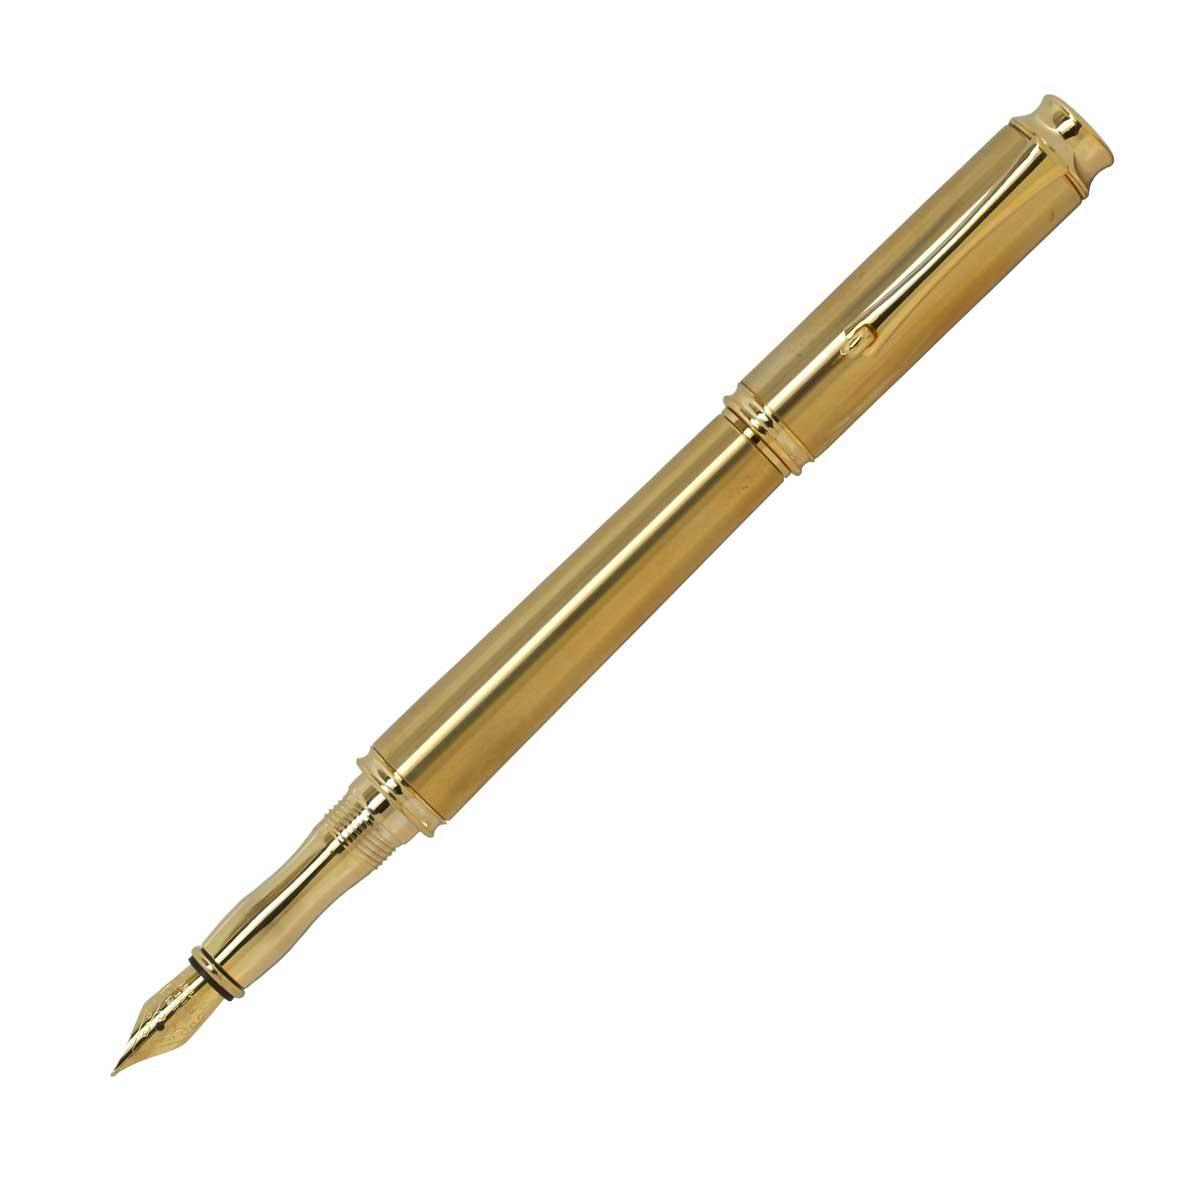 即納可能 名入れ可能 1万円台 その他 両用式 万年筆 新作通販 F-STYLE Gold Pen Metal KMM200 入荷予定 メタルペン